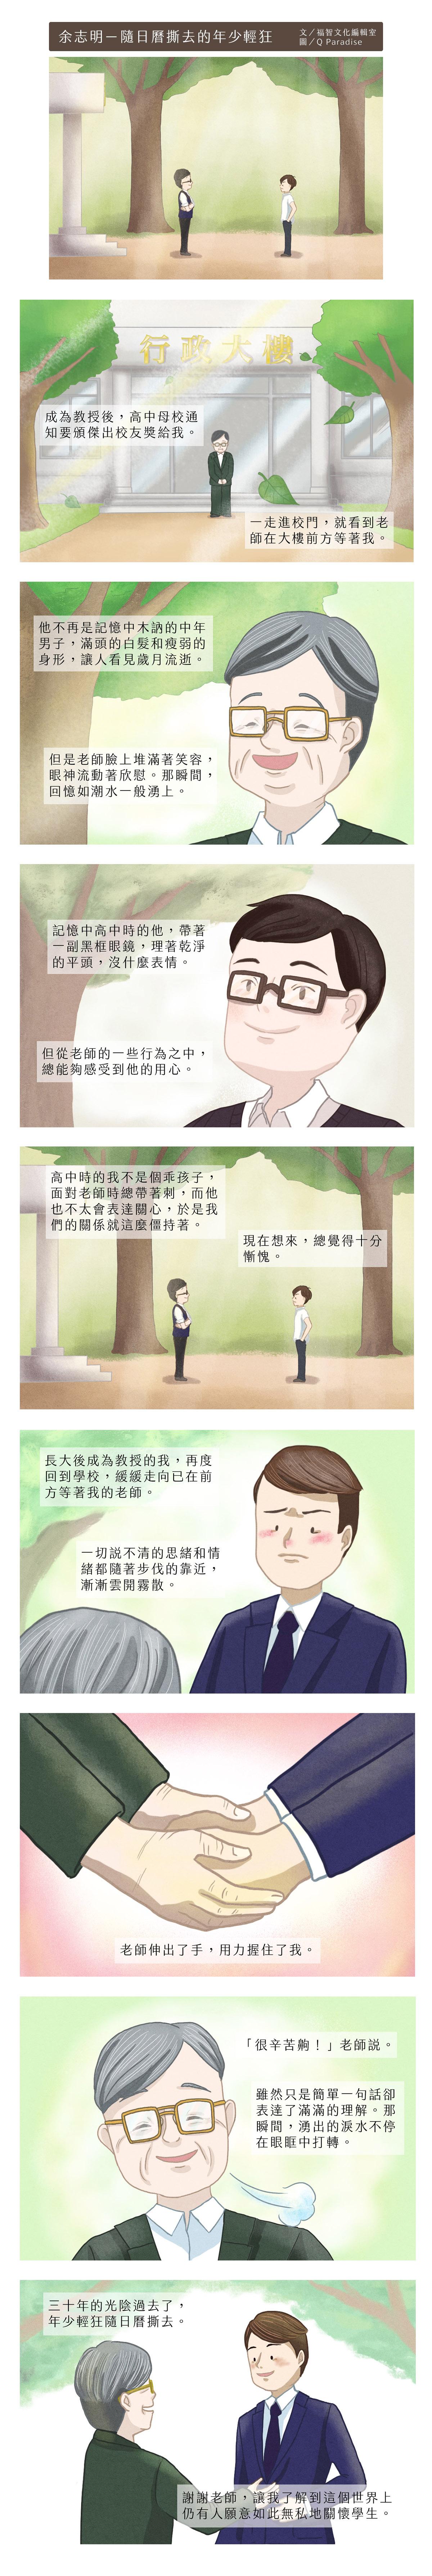 【漫畫】余志明:隨日曆撕去的年少輕狂 - 全頁文字版。繪圖:大Q